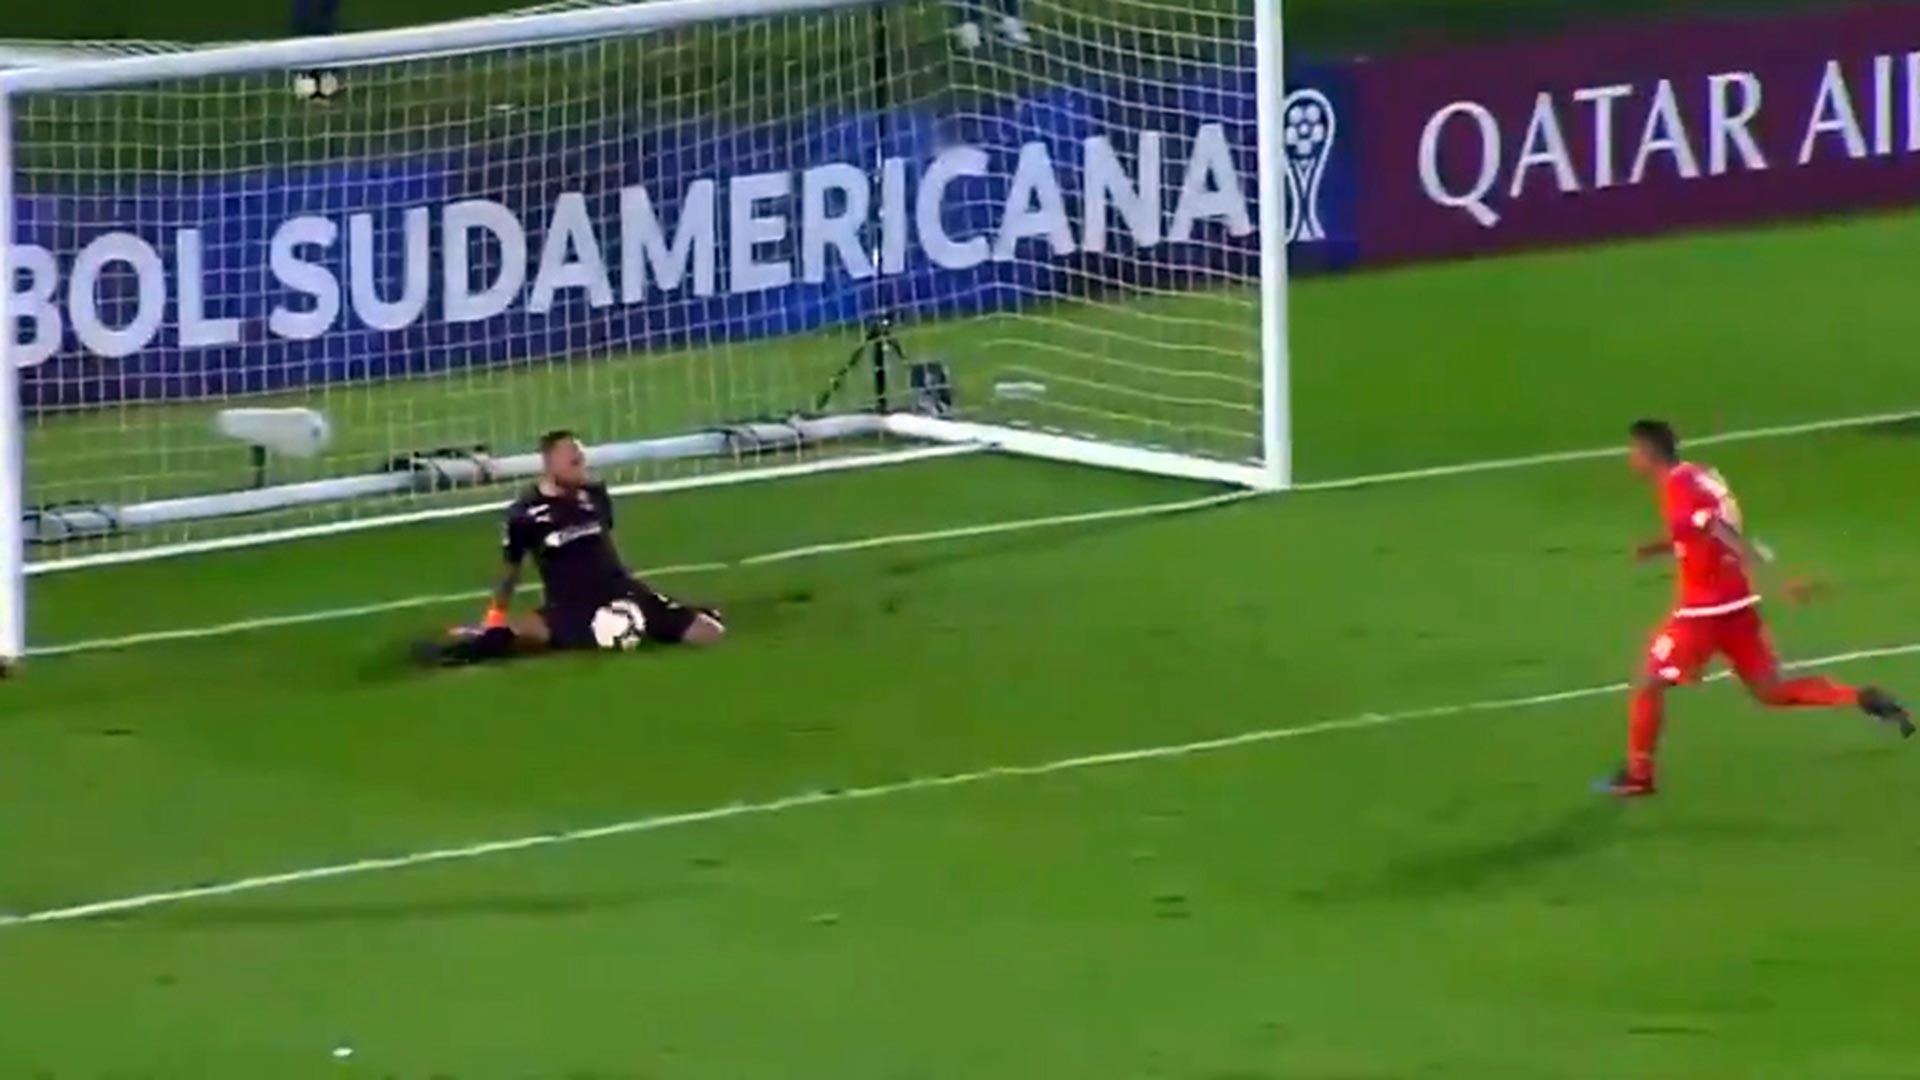 Despiden al futbolista que lanzó el penal más ridículo de la Copa Sudamericana